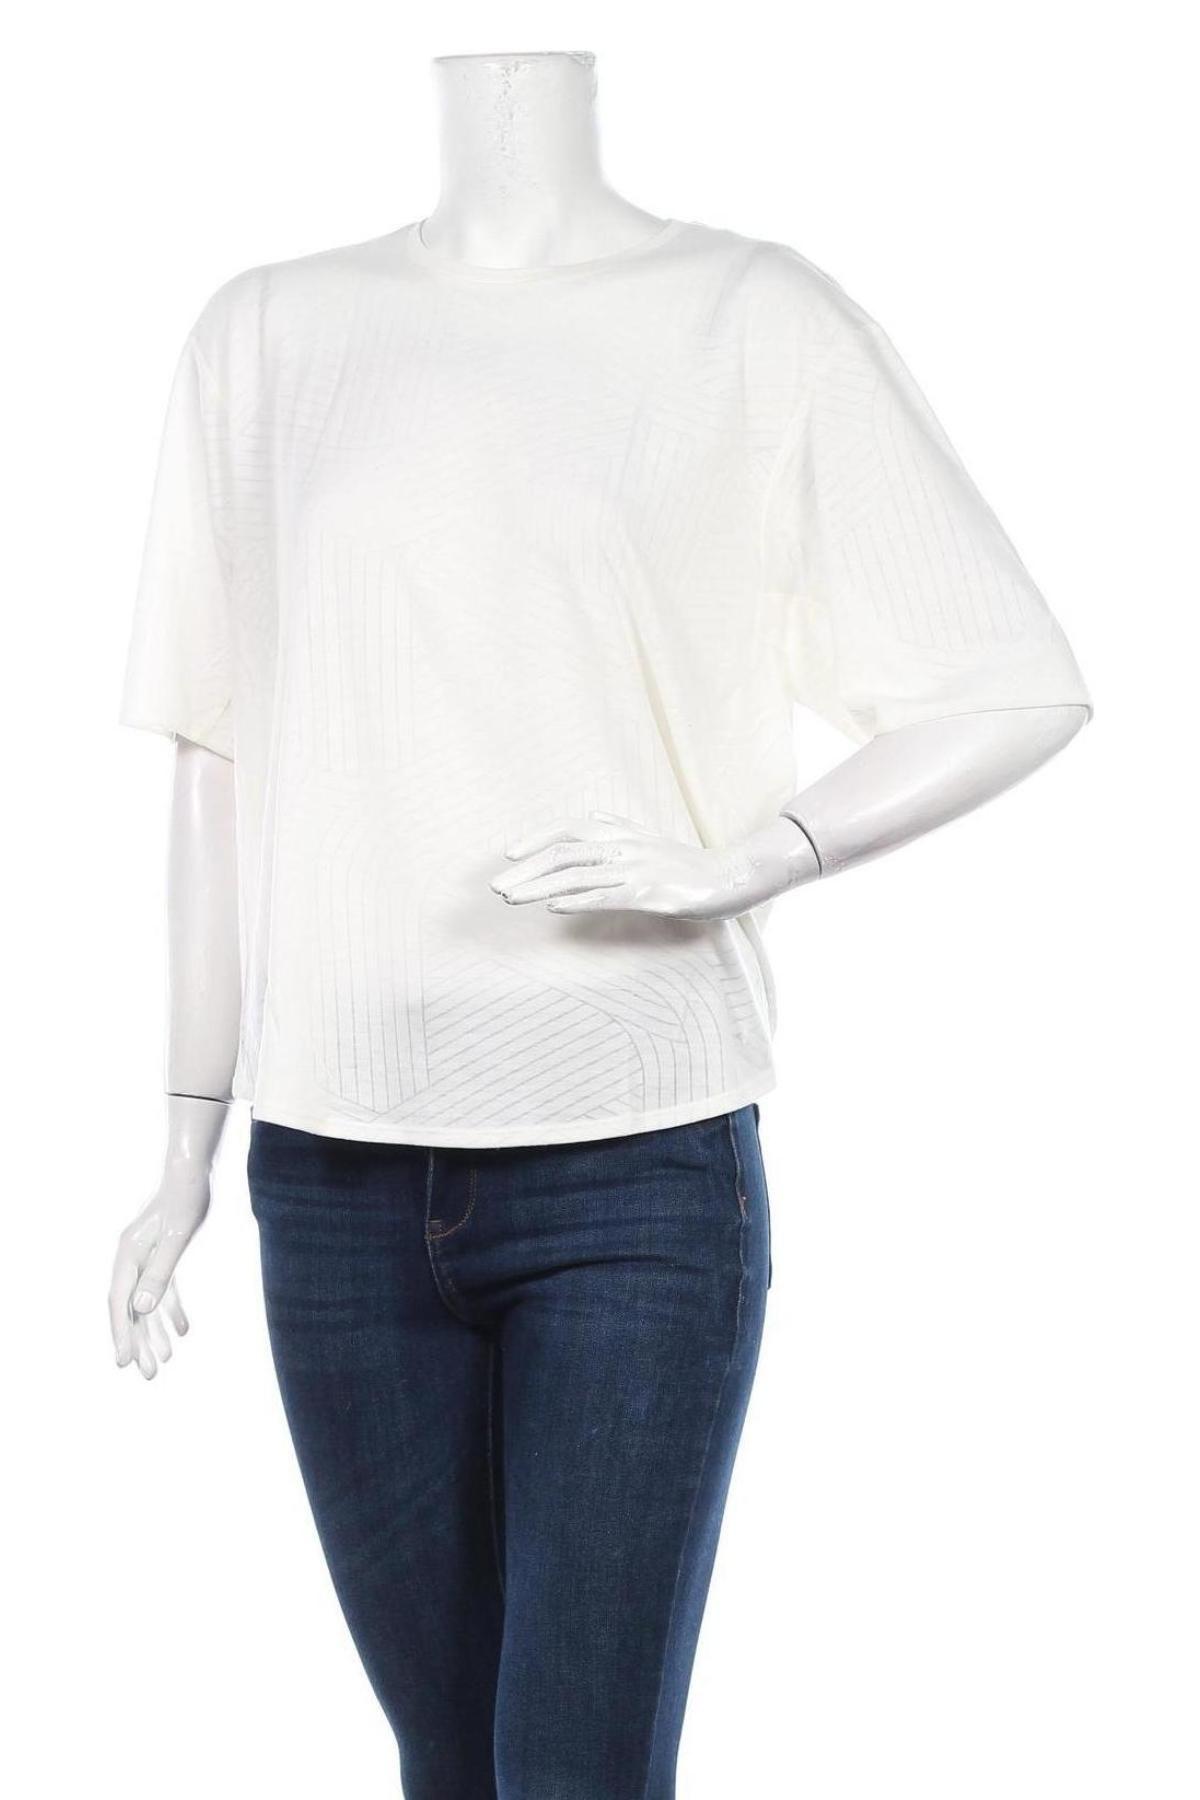 Дамска тениска Adidas, Размер L, Цвят Бежов, 68% полиестер, 32% вискоза, Цена 50,70лв.